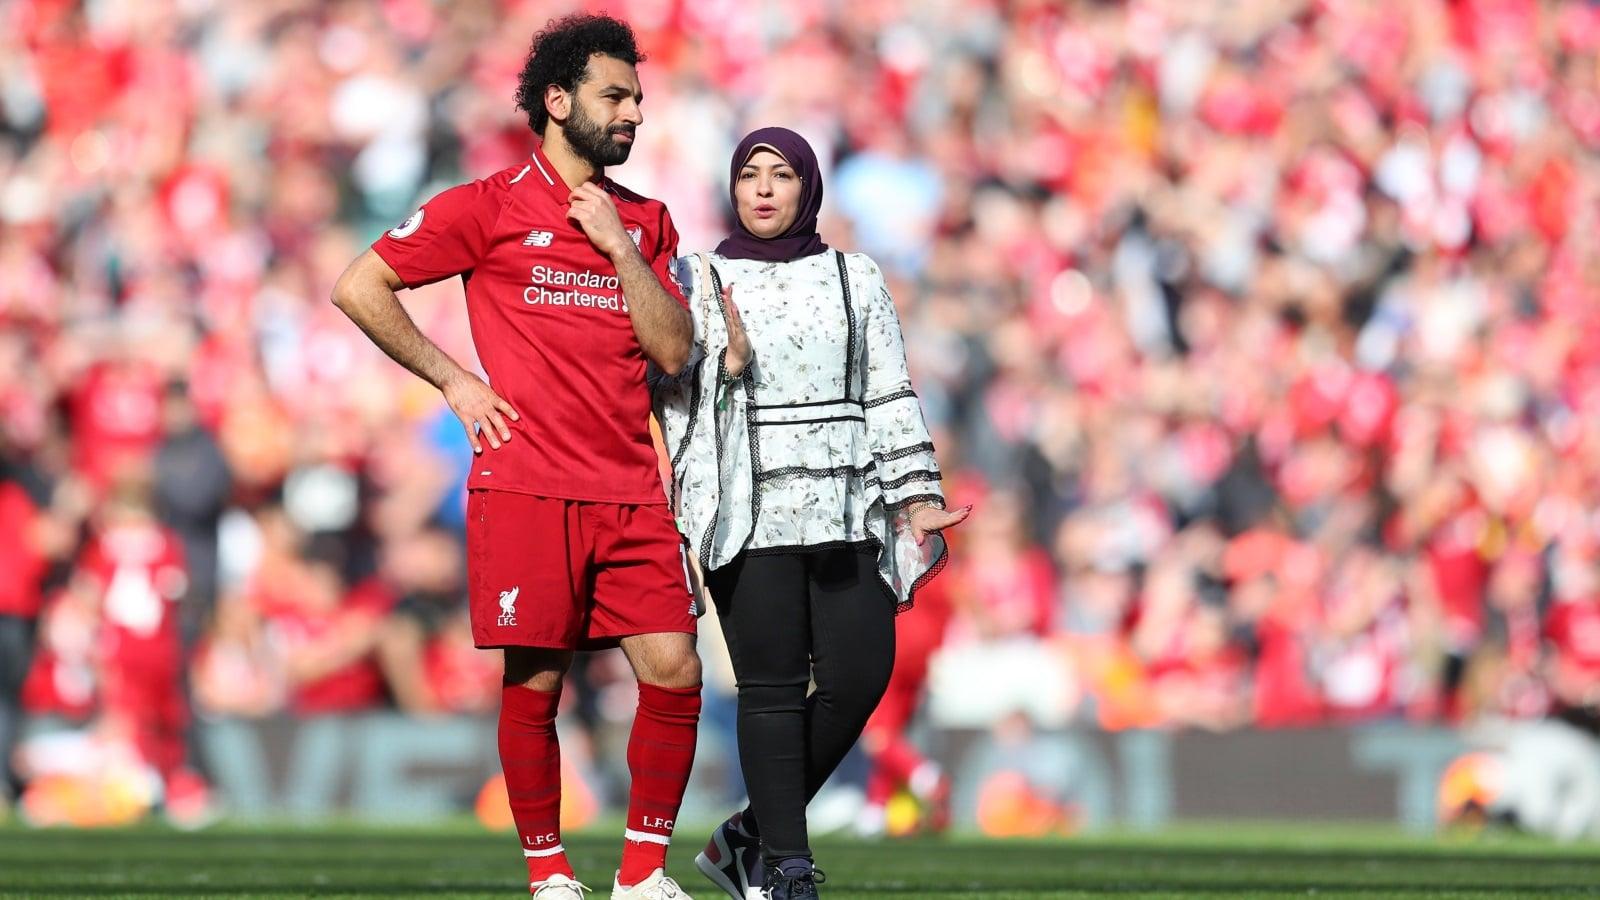 حقيقة انفصال اللاعب محمد صلاح عن زوجته ماجي صادق